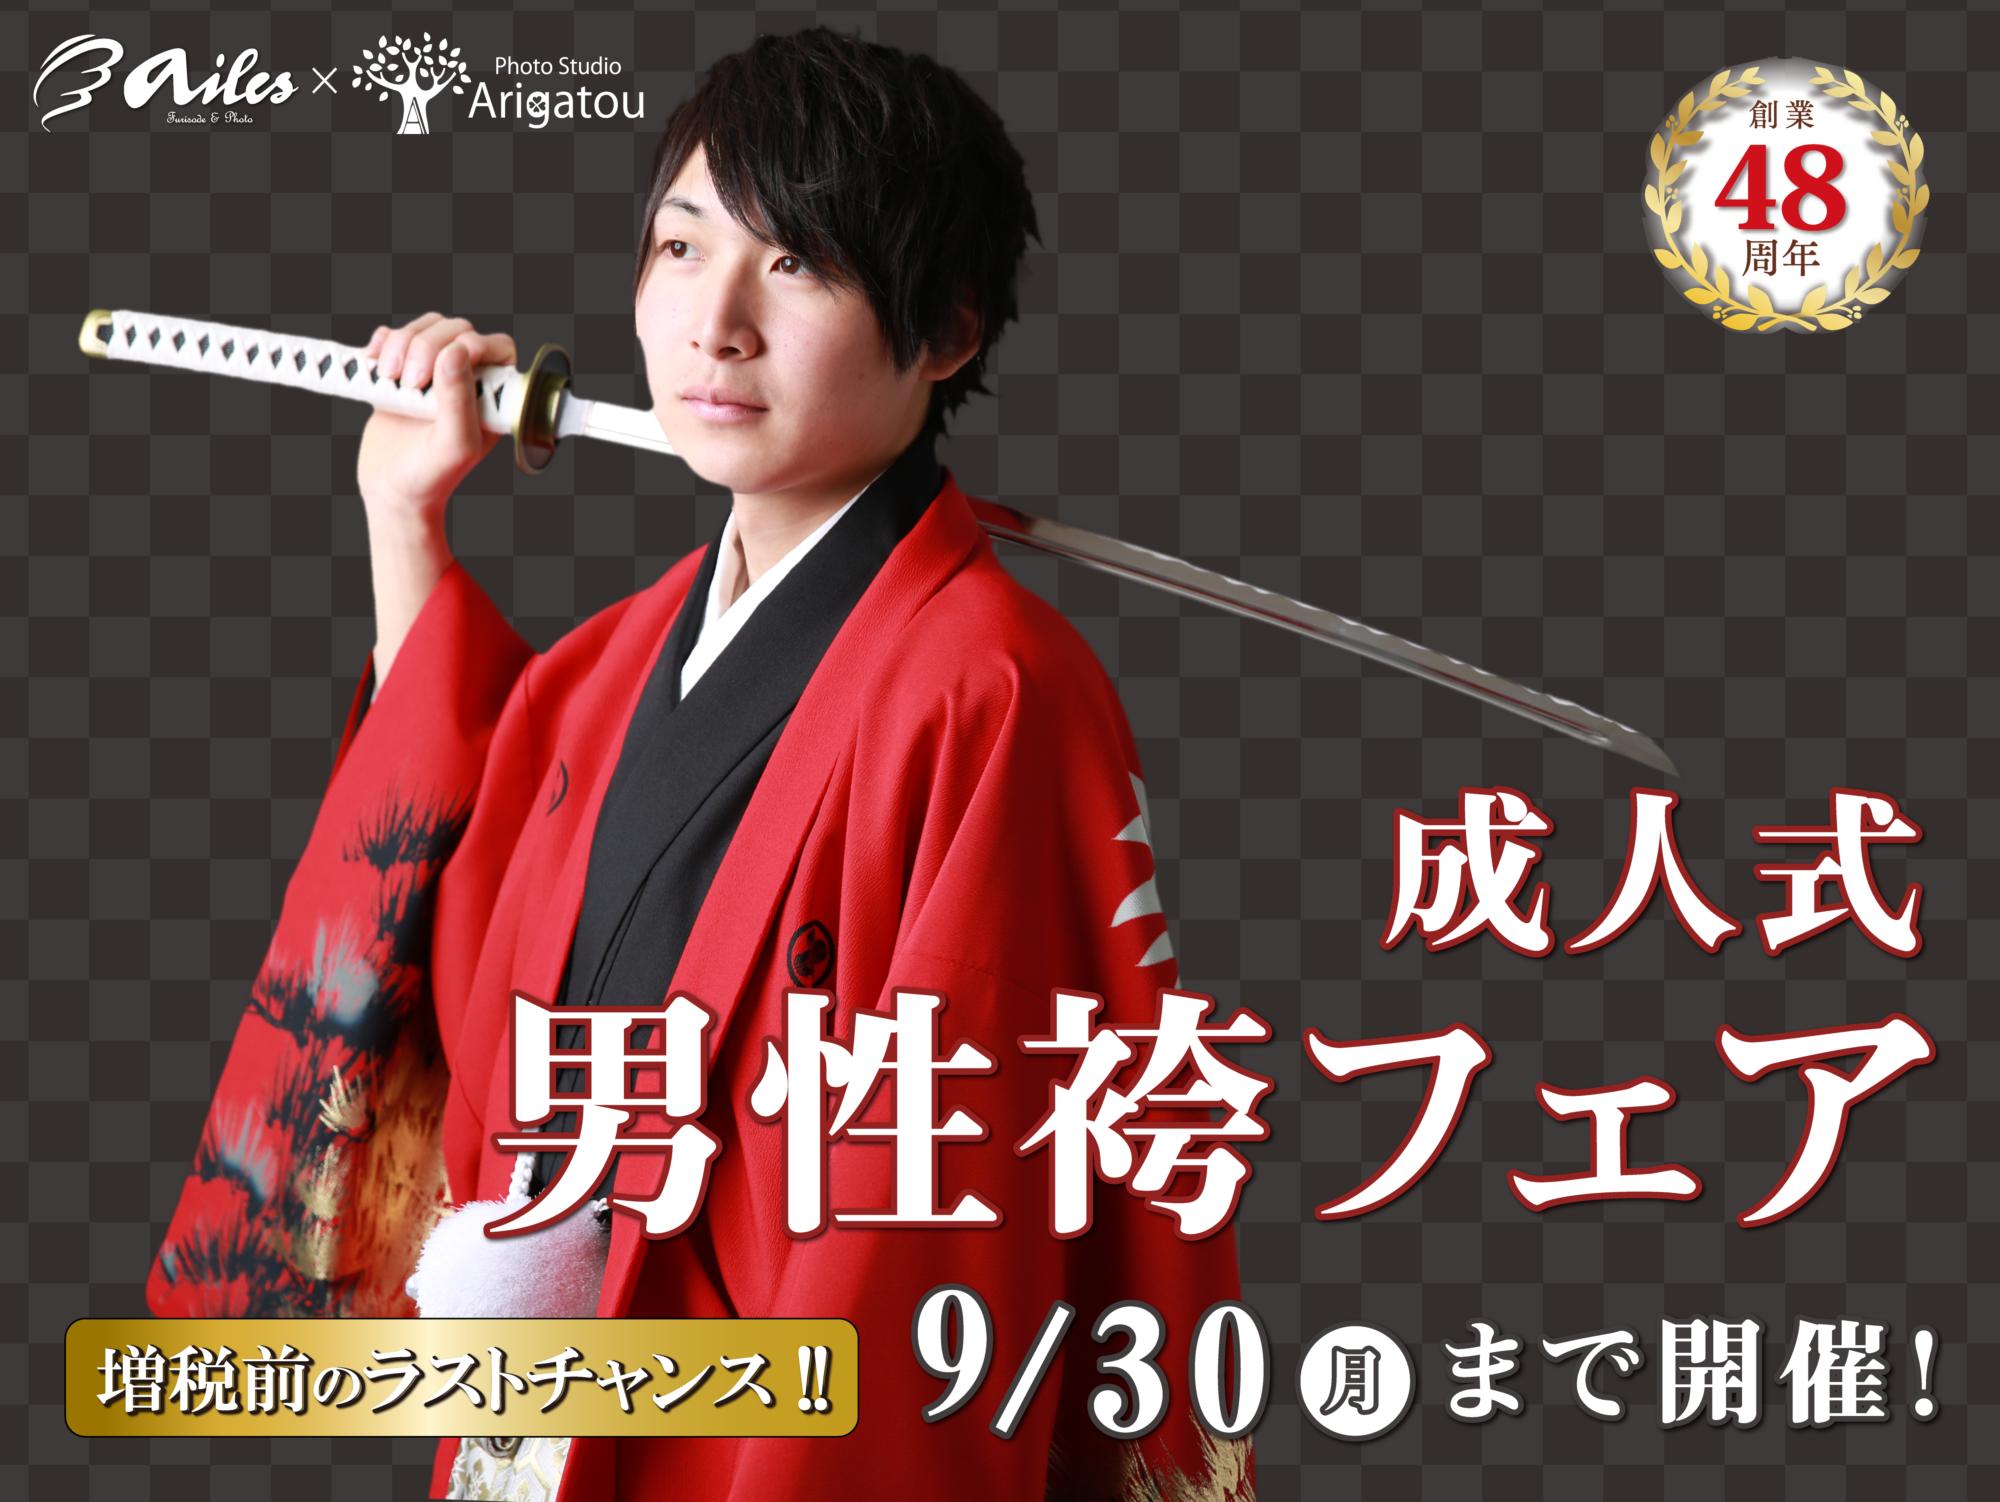 男性袴撮影30%OFFキャンペーン情報9月末まで_エイルメインビジュアル_エイルメインビジュアル